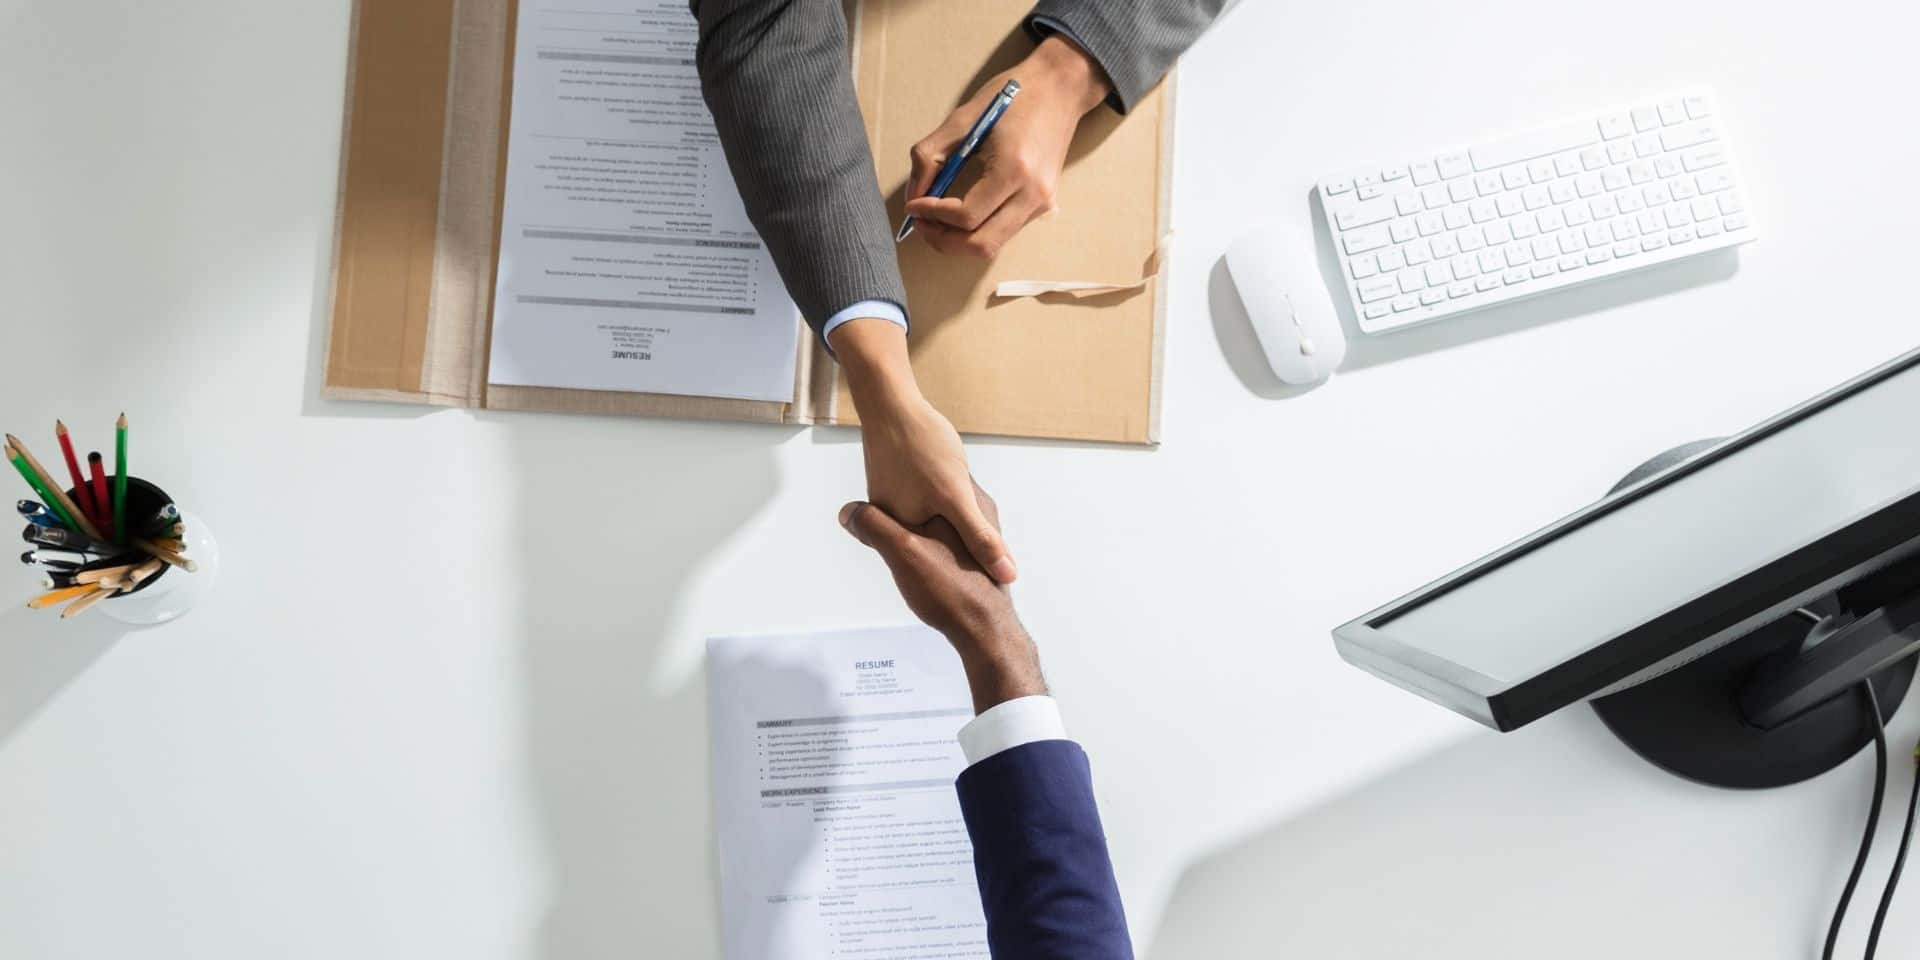 Trois entreprises belges sur quatre ne pourront pas engager de nouveaux travailleurs en 2021, en raison de la pandémie